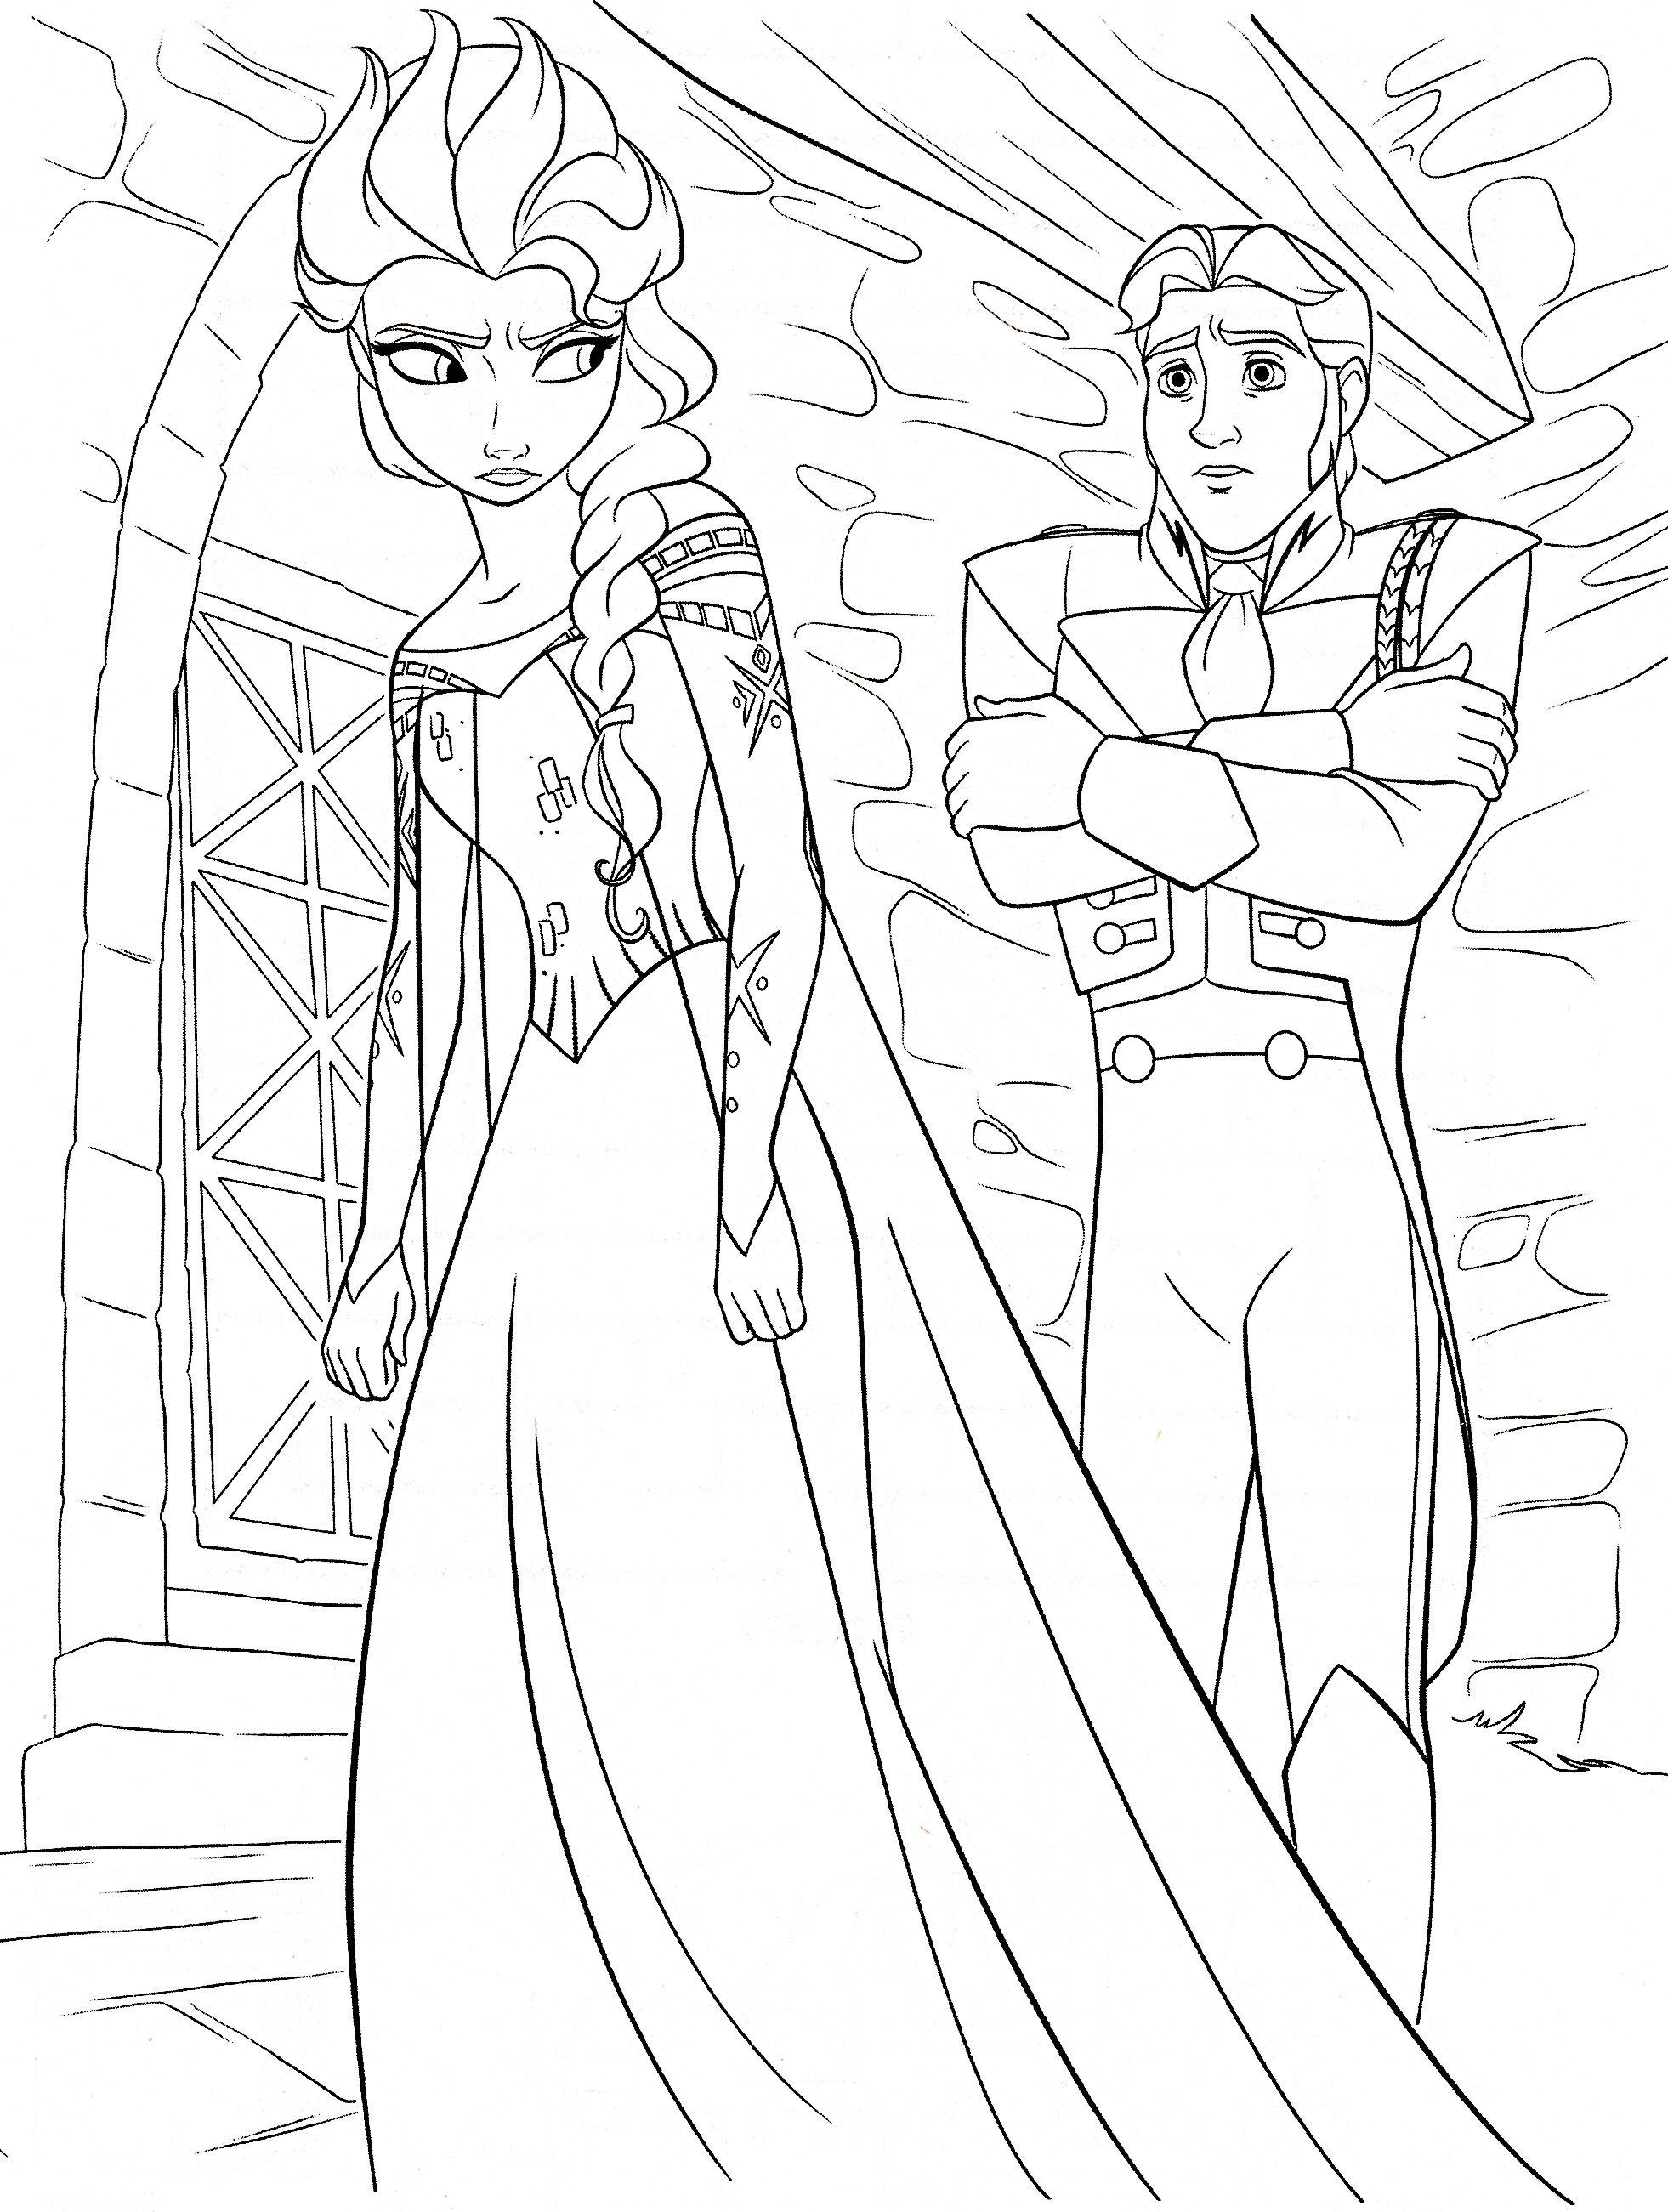 Ausmalbilder Frozen Elsa : Frozen Ausmalbilder Malvorlagen Zeichnung Druckbare N 65 Bilder